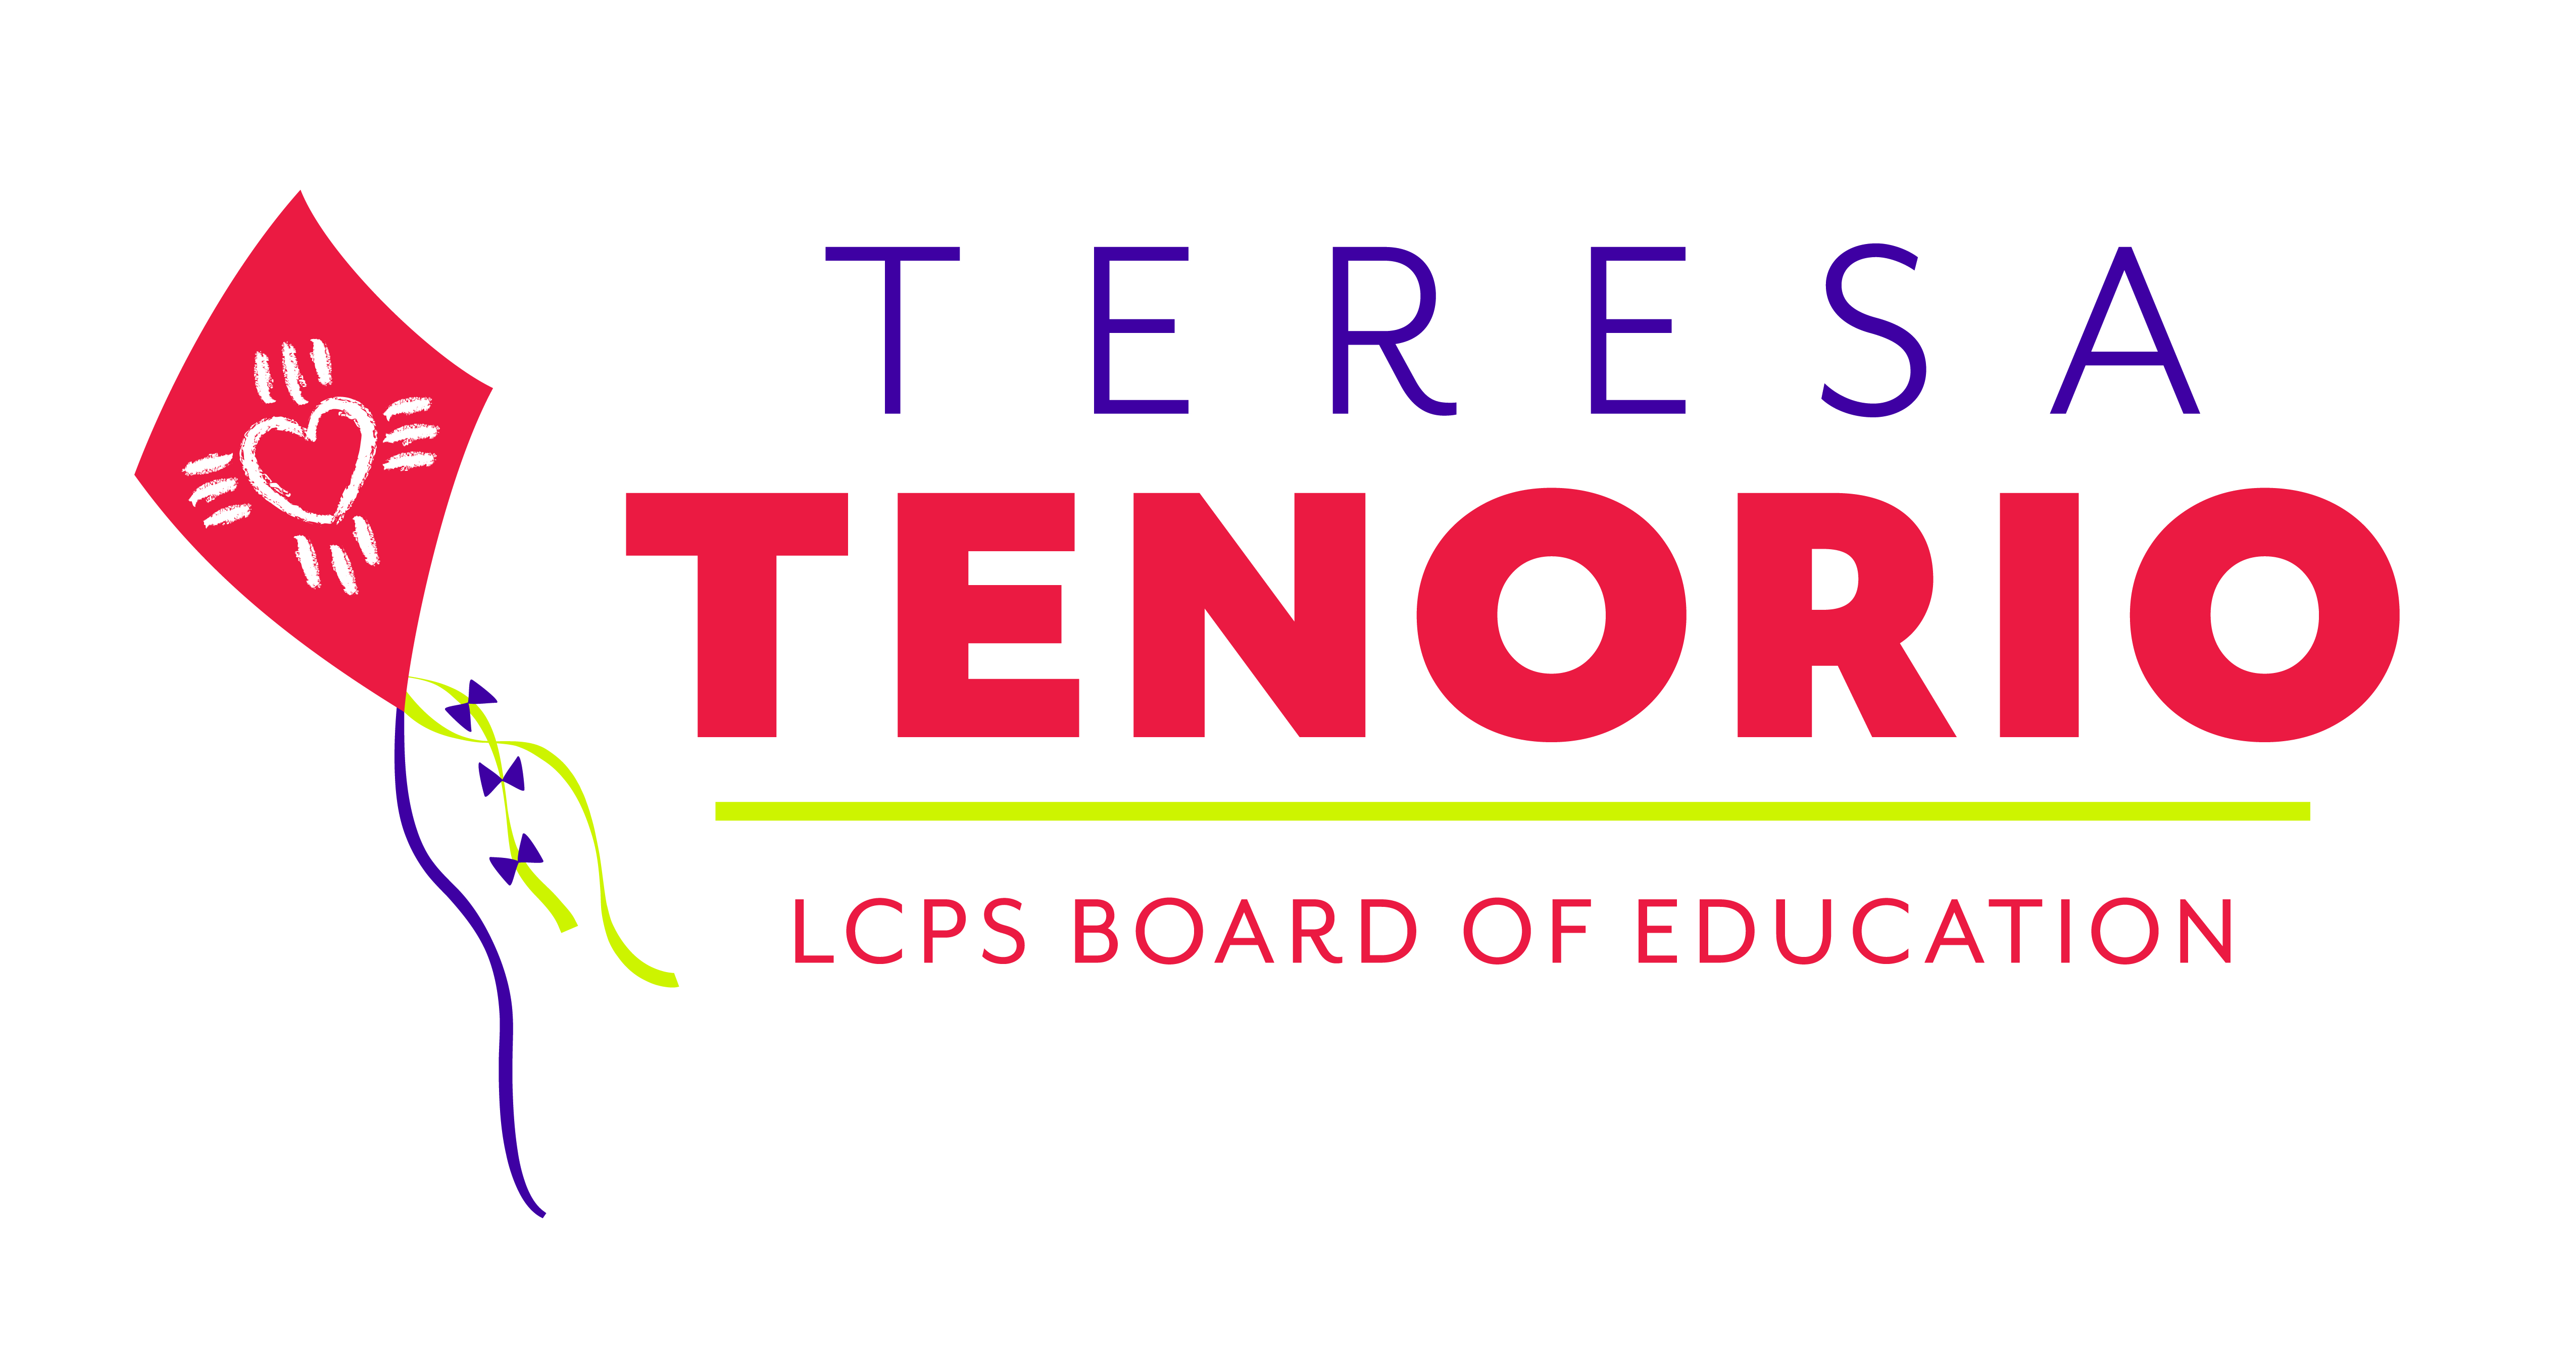 Teresa Tenorio